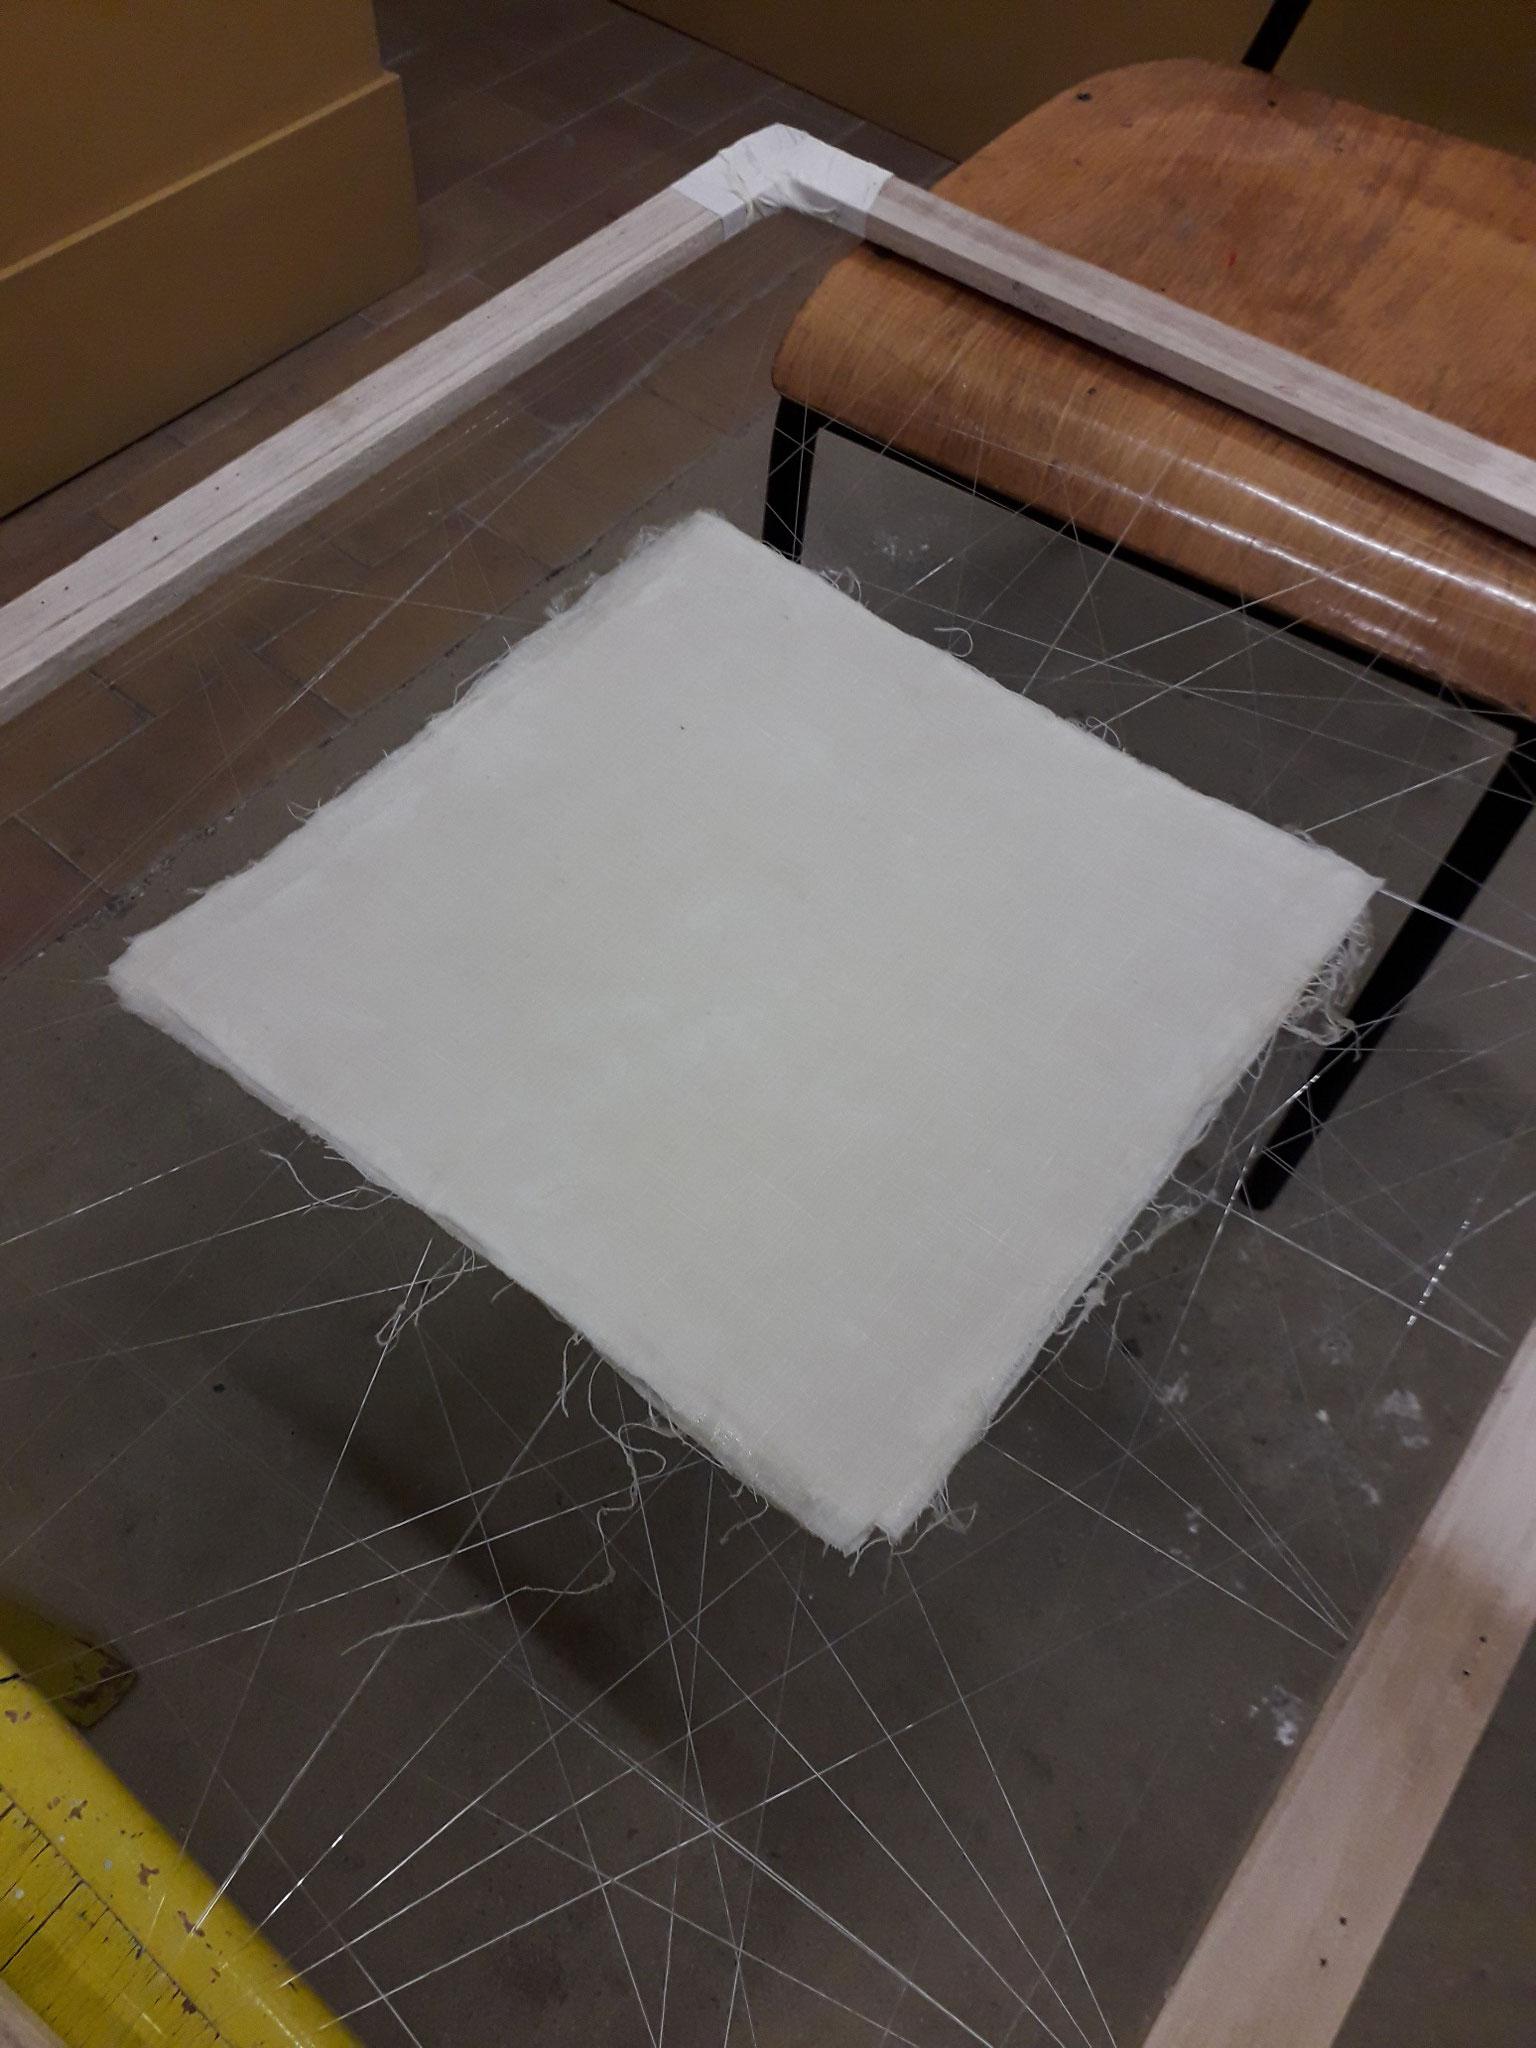 Der mit Angelsehne bespannte Rahmen erfüllt seinen Zweck ausgezeichnet. Der Stoff trocknet schneller und der Leim zersetzt sich nicht.